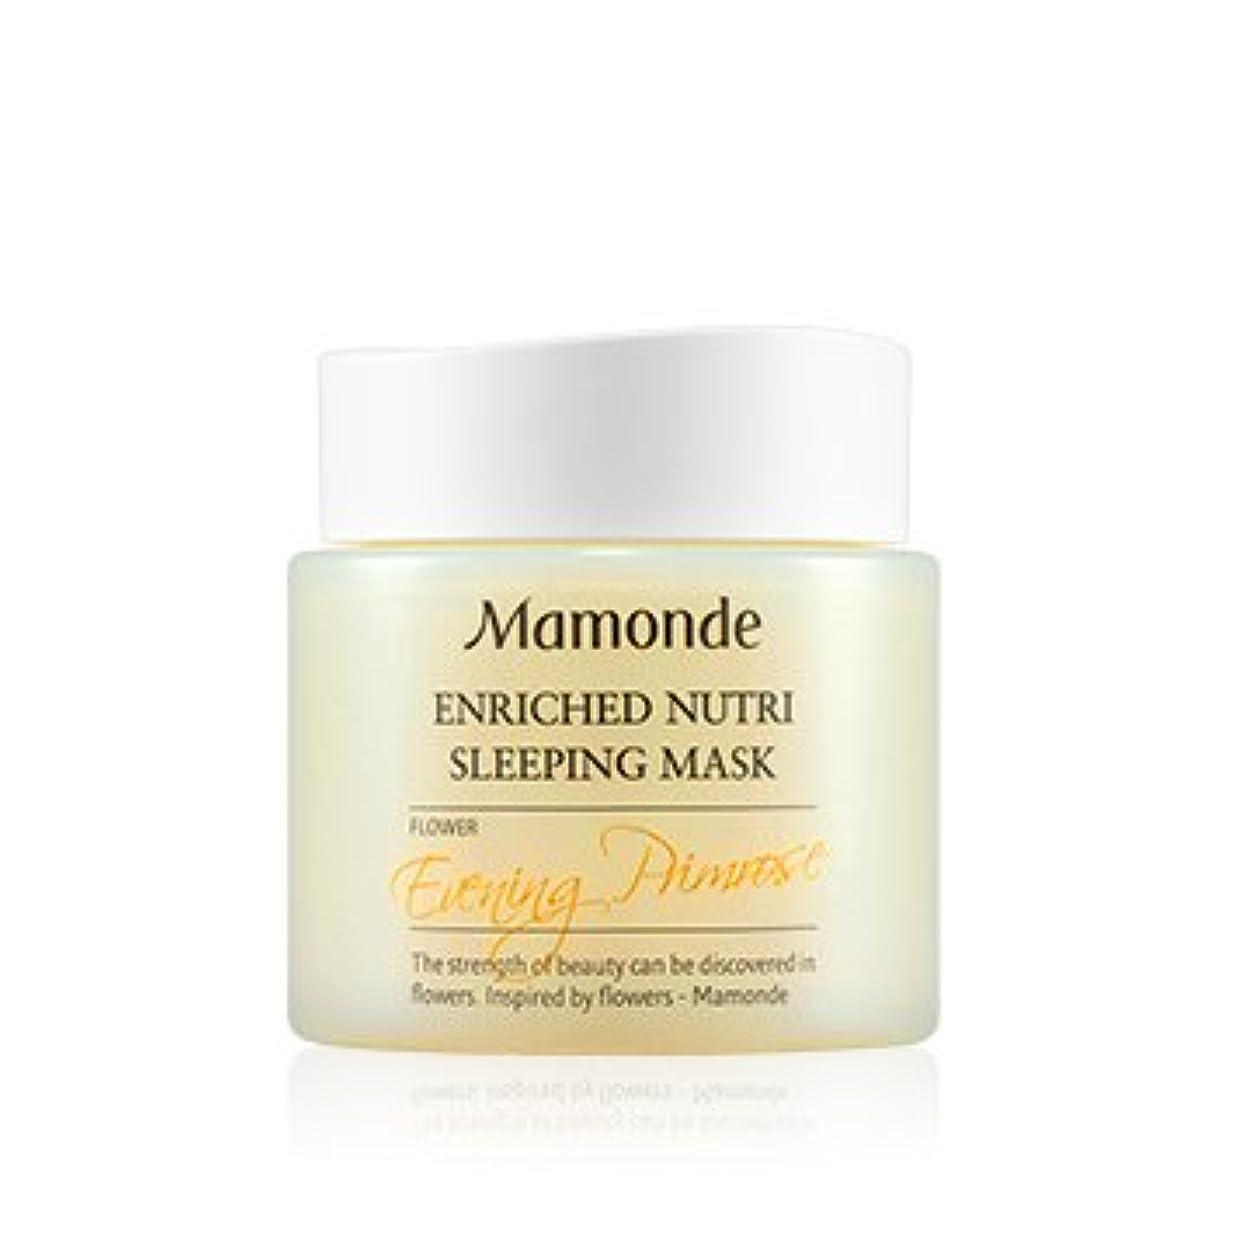 かみそり設置宿泊[New] Mamonde Enriched Nutri Sleeping Mask 100ml/マモンド エンリッチド ニュートリ スリーピング マスク 100ml [並行輸入品]